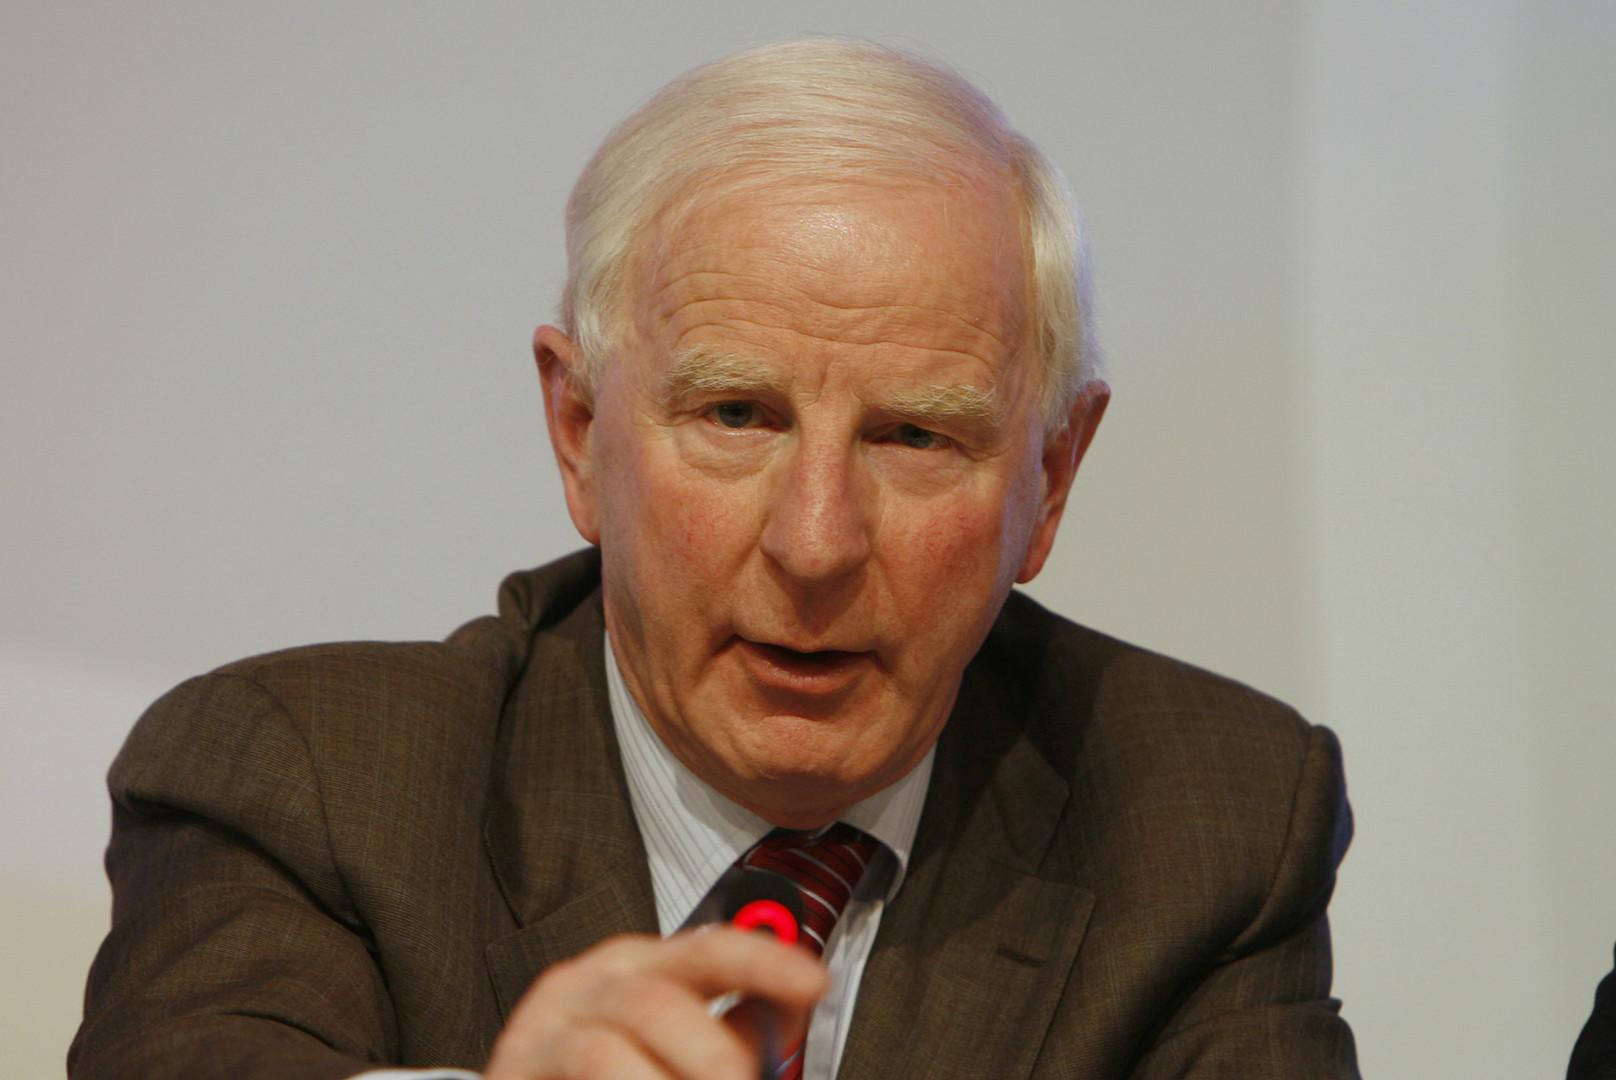 Глава ЕОК: Письмо USADA в адрес МОК подрывает доверие к докладу Макларена